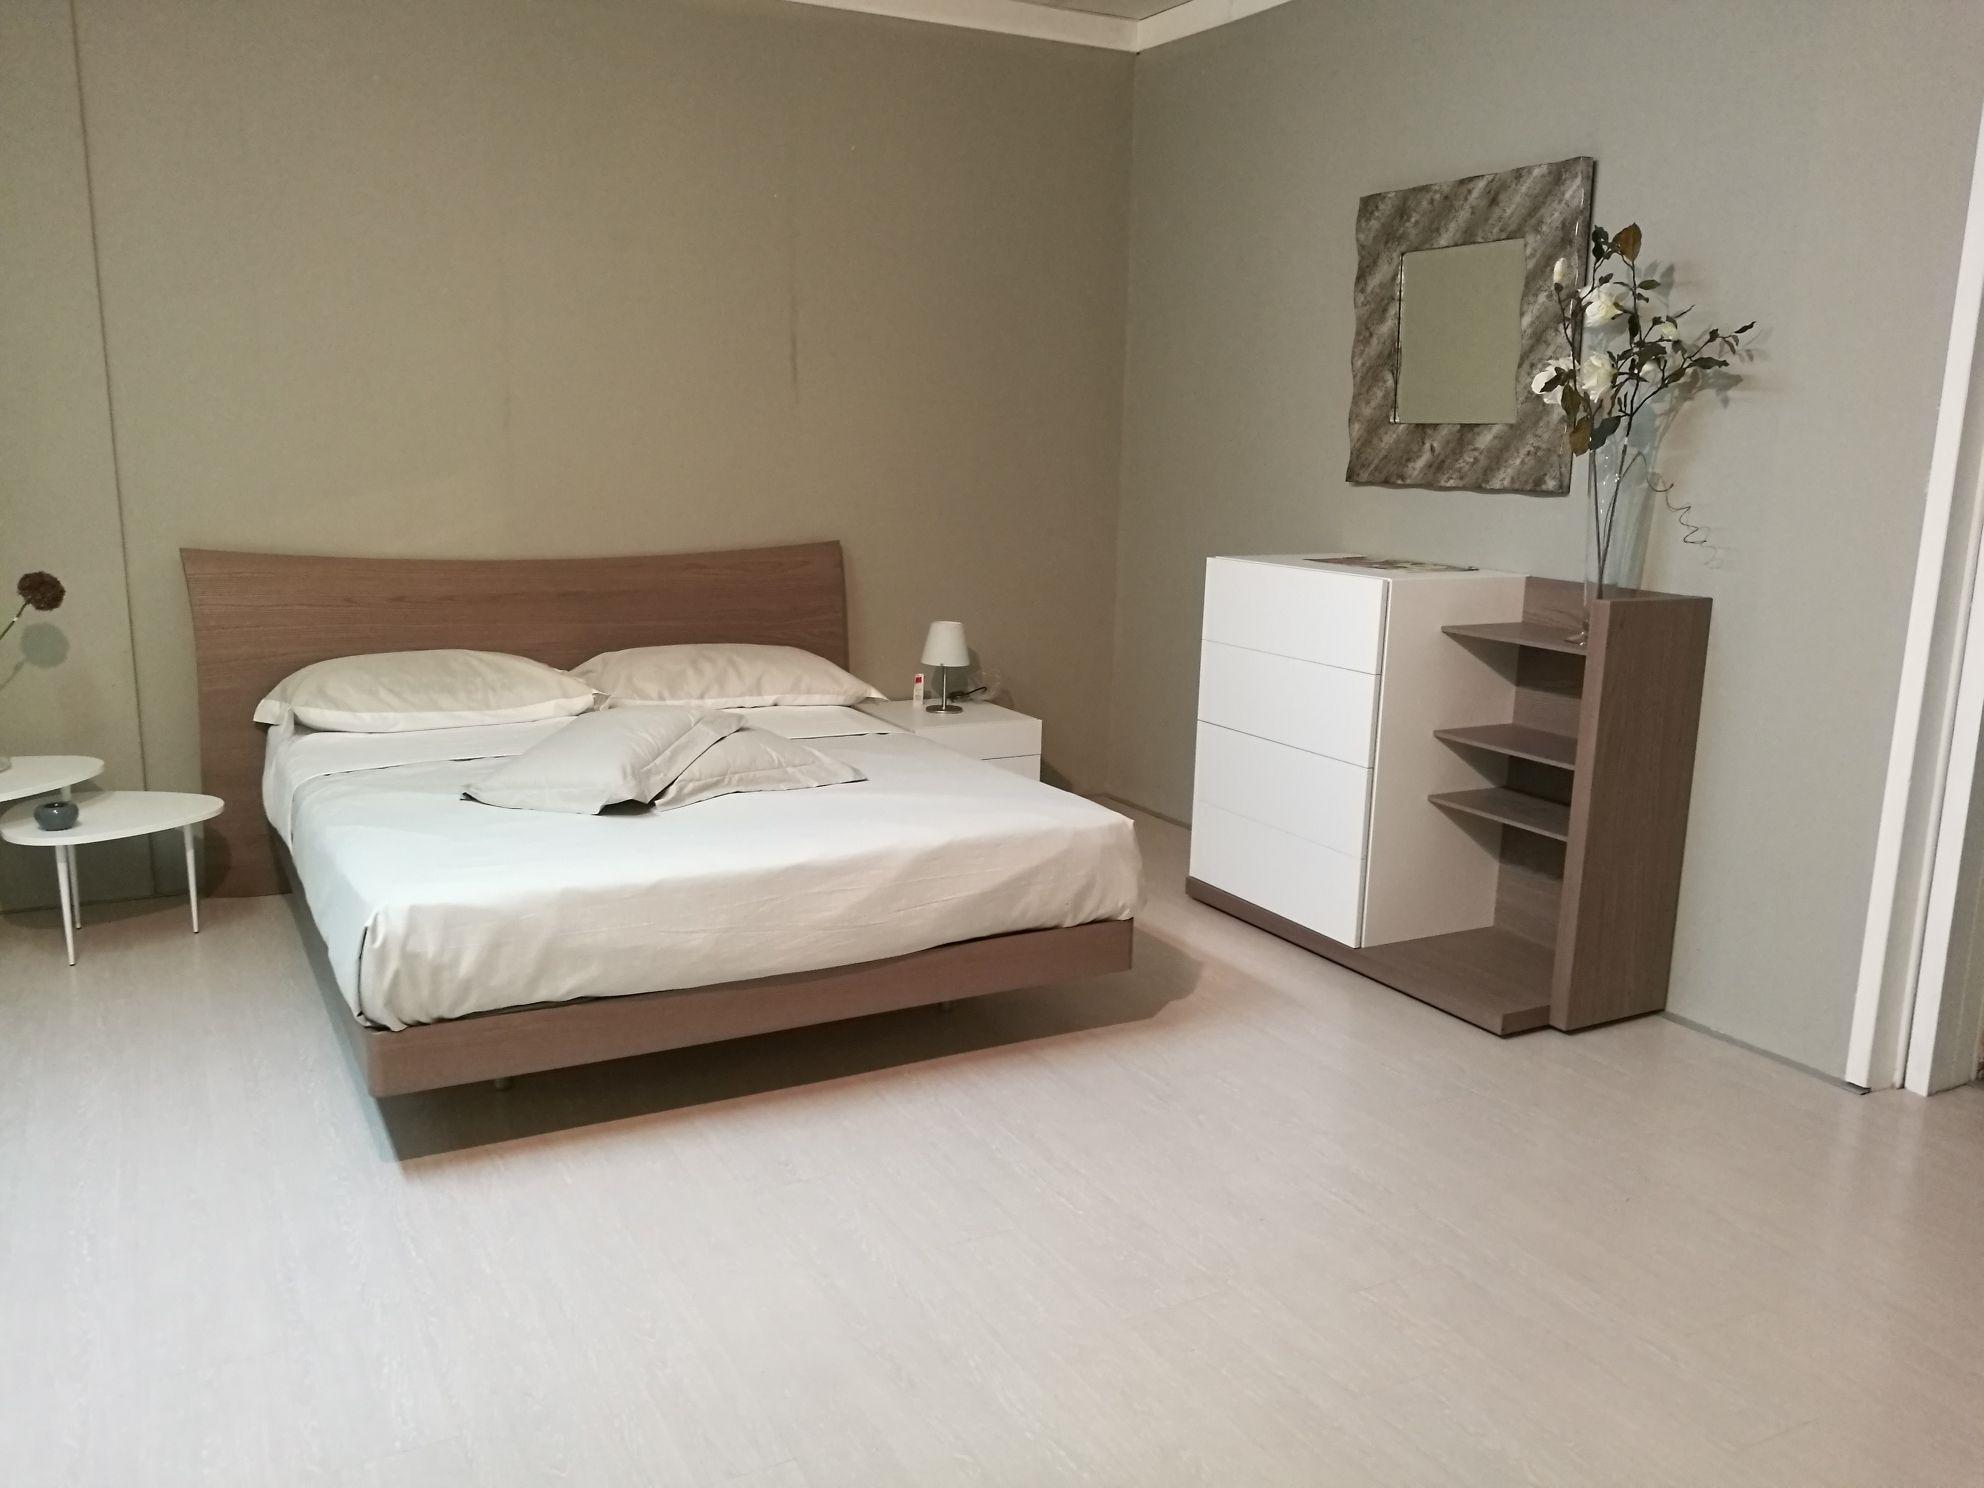 Camera caccaro letto longuette e gruppo filnox scontato del 43 camere a prezzi scontati - Caccaro mobili prezzi ...